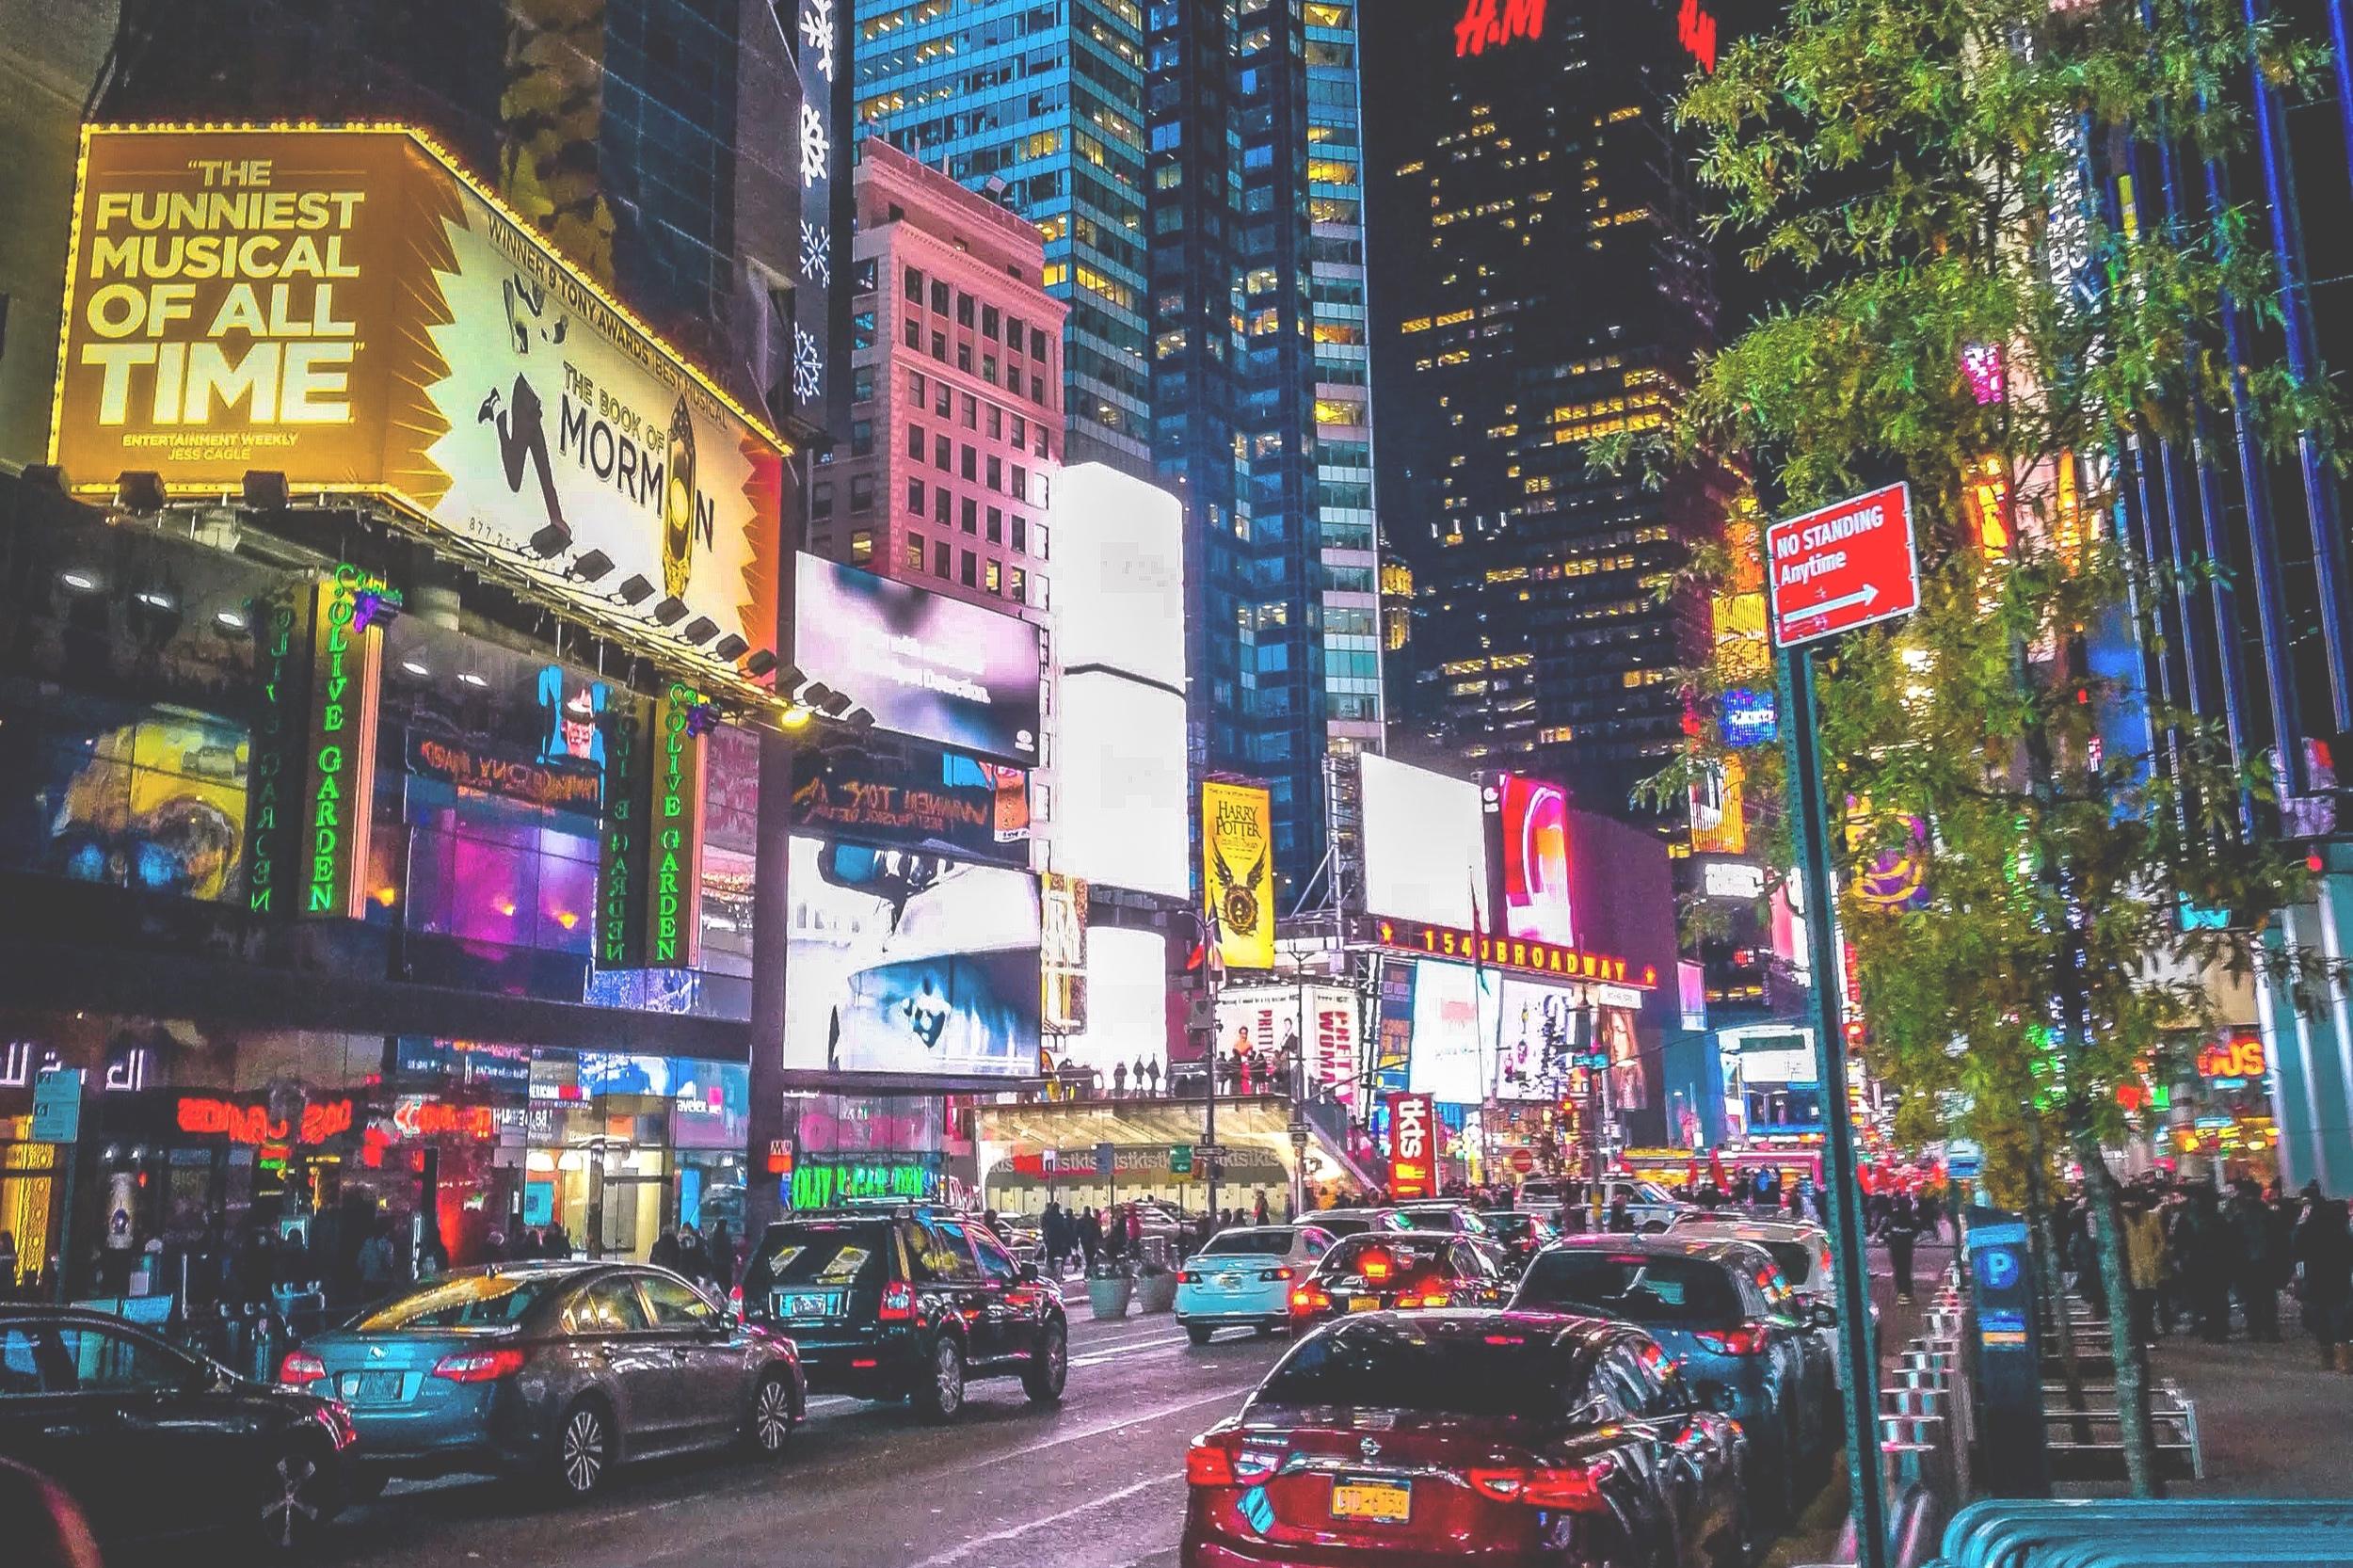 NEW YORK, NY - 12.28.18 to 12.29.18